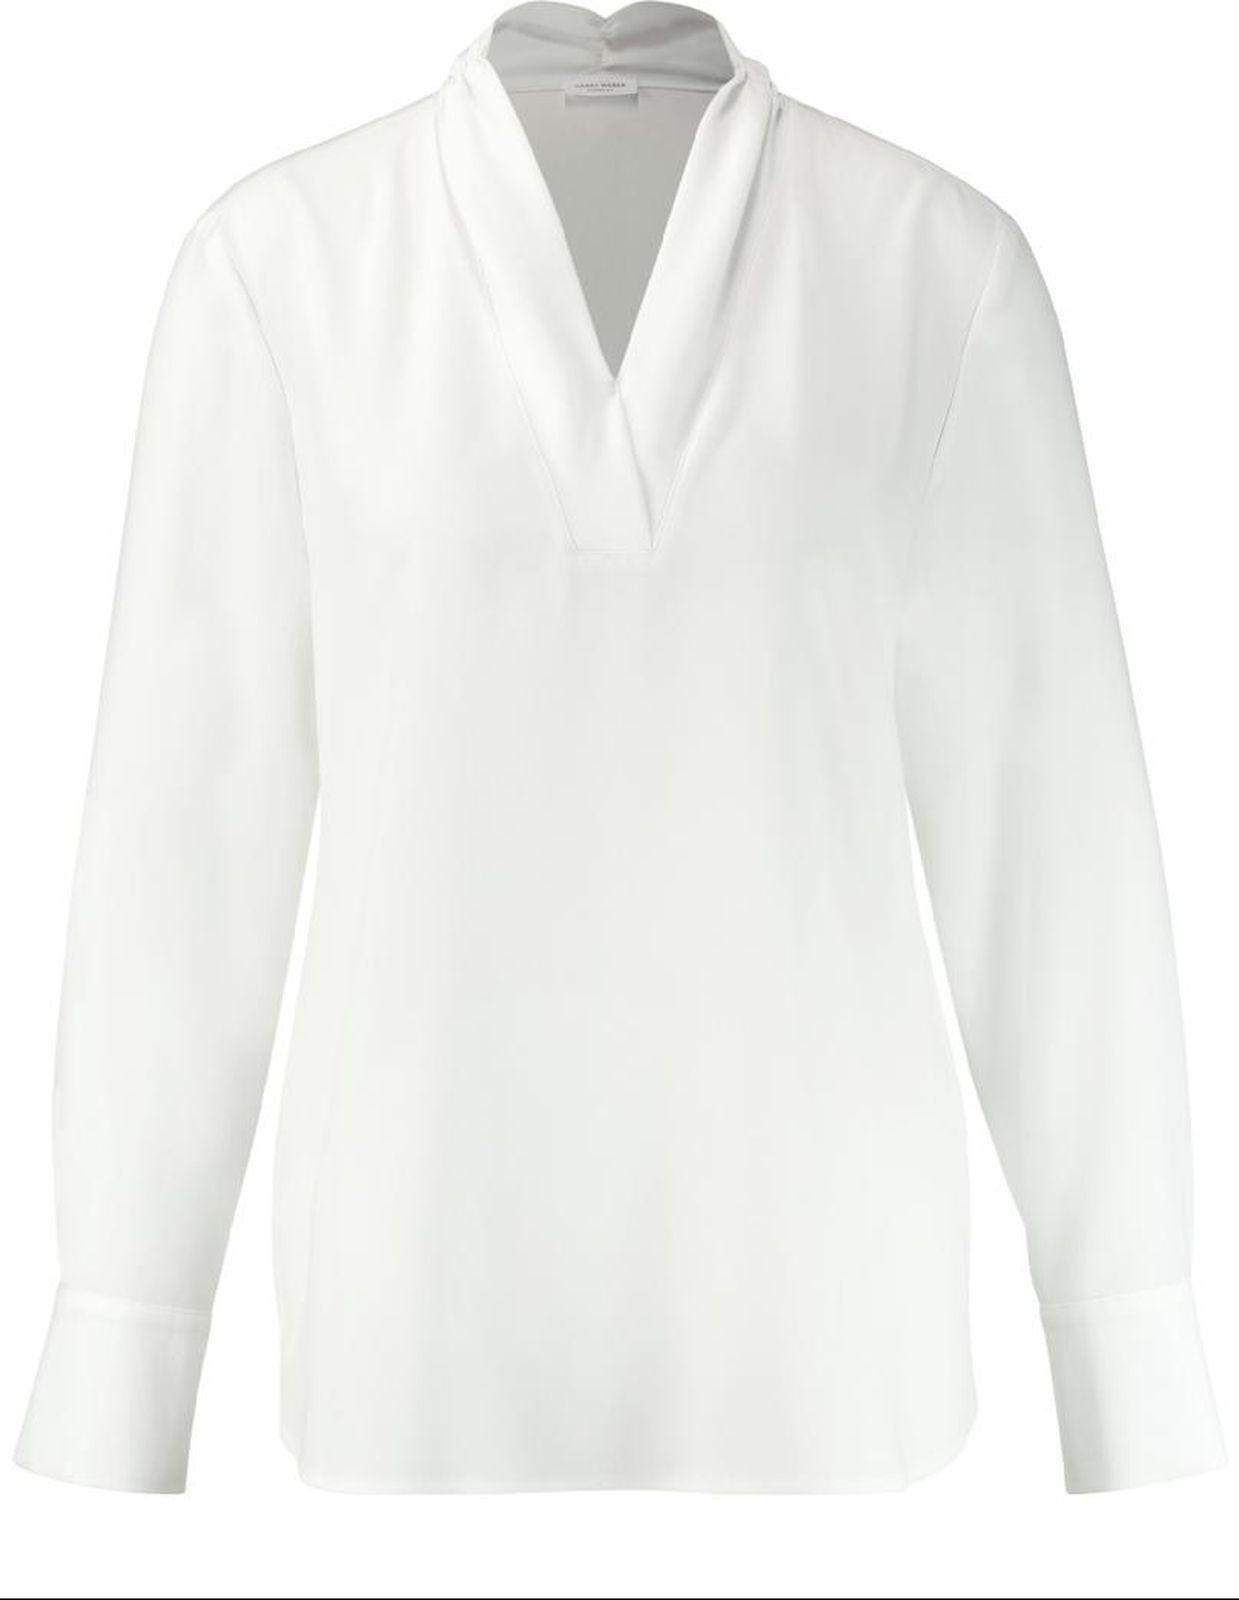 Блузка женская Gerry Weber, цвет: белый. 2 191-160 001-31501_99700. Размер 46 (52)2 191-160 001-31501_99700